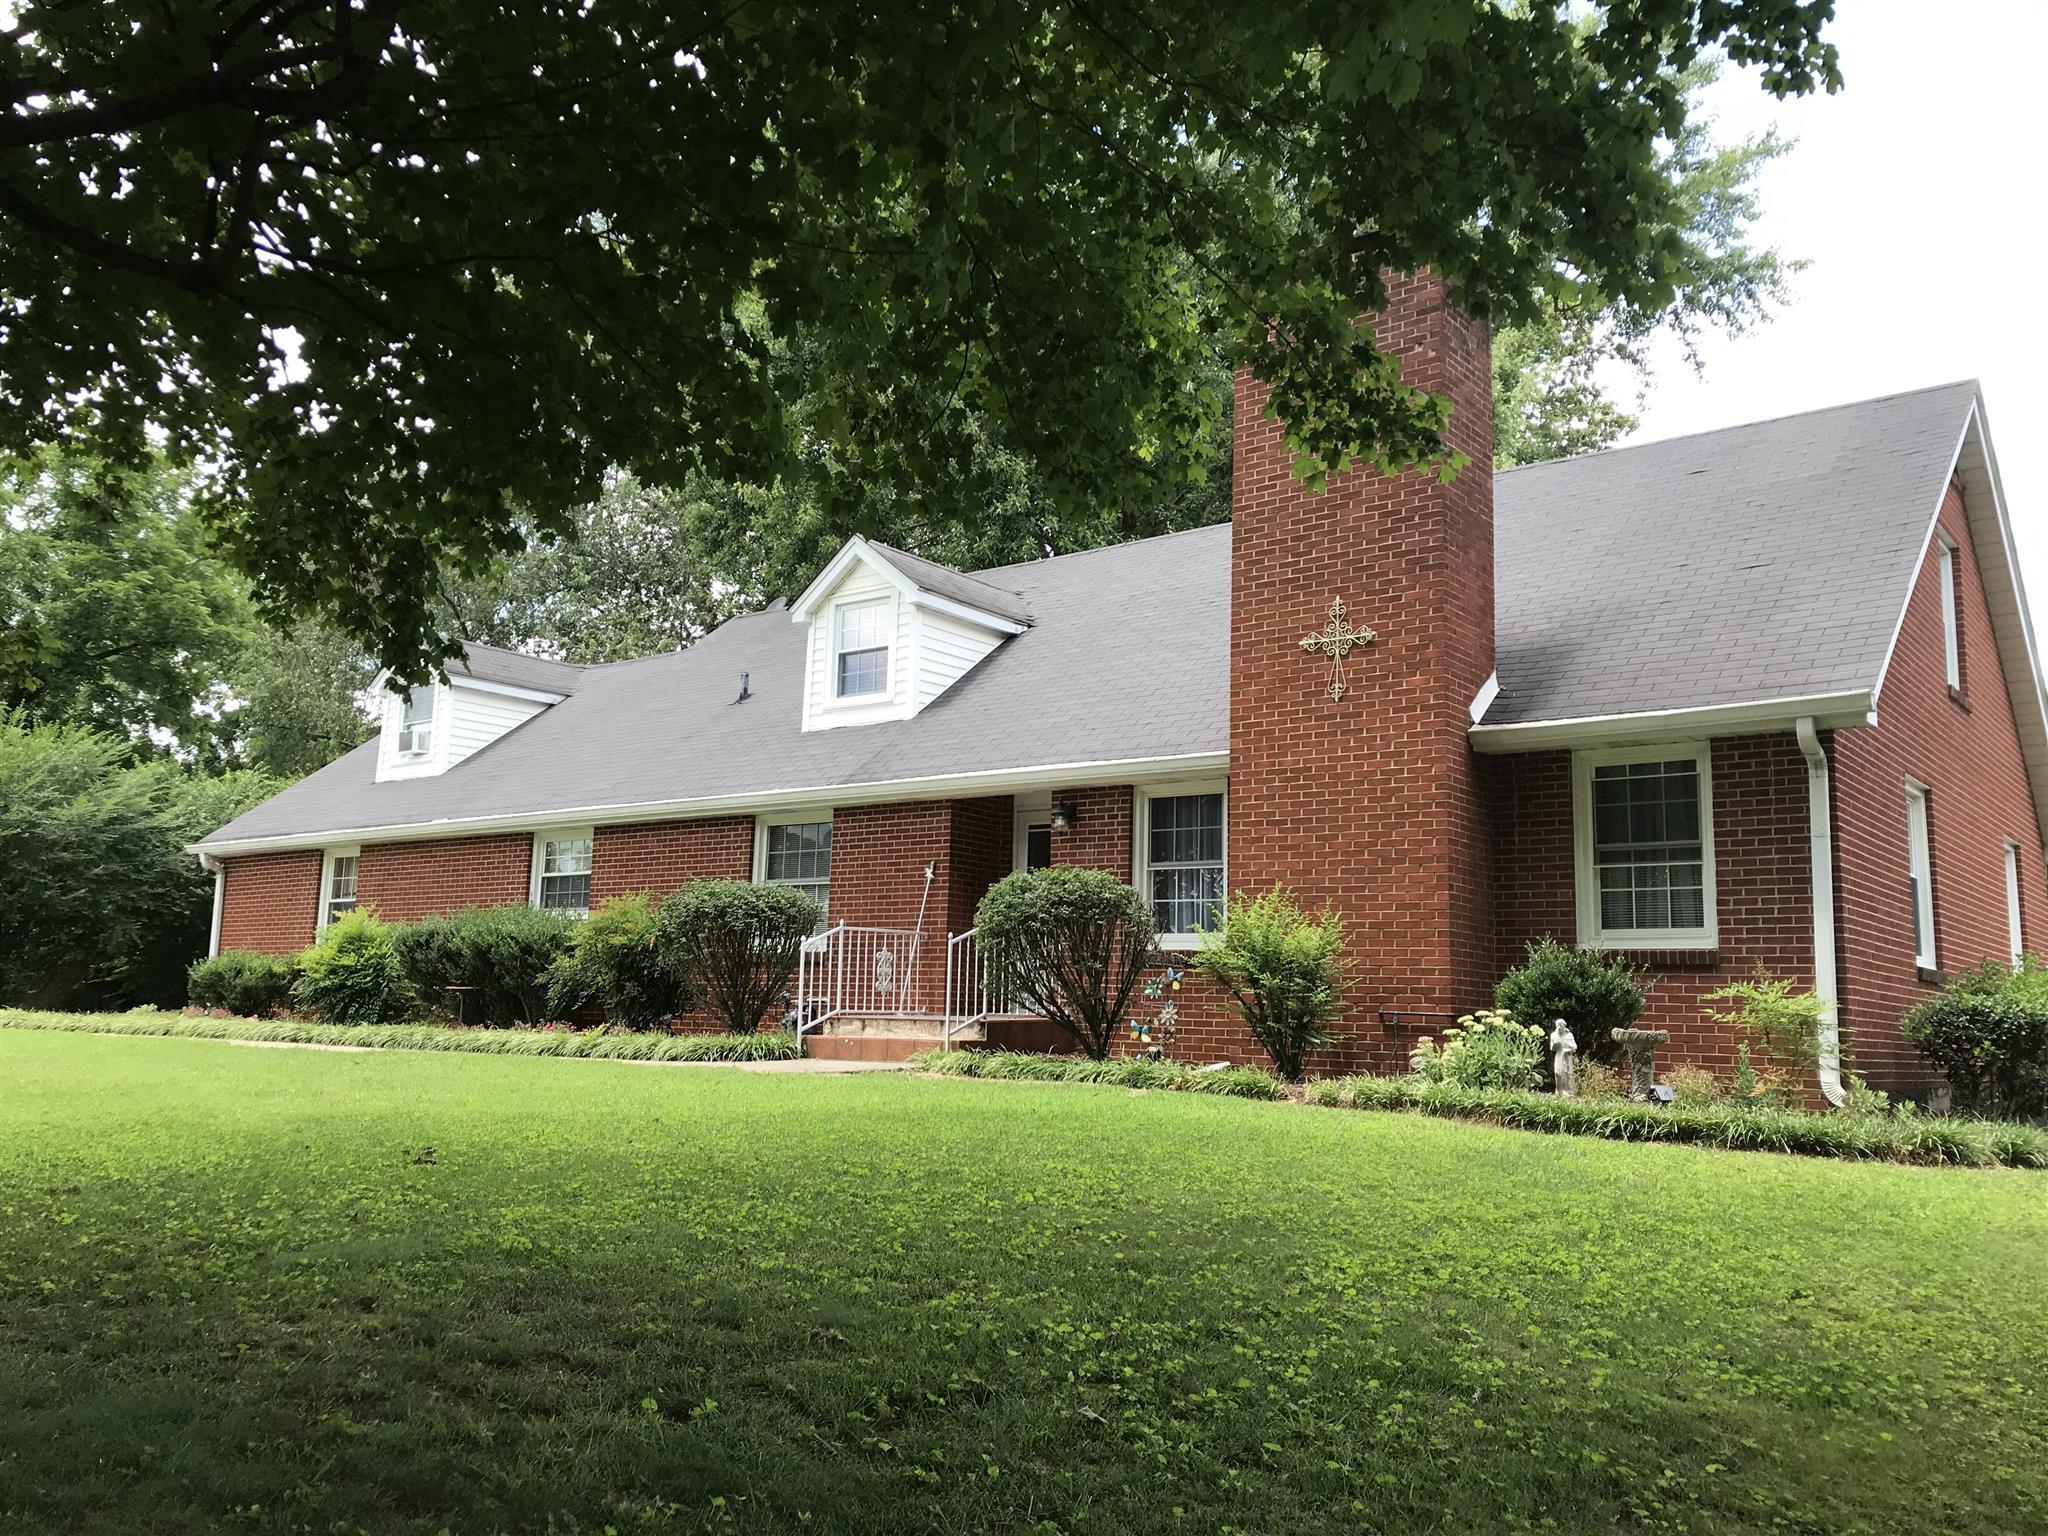 221 Sherwood Dr, Hopkinsville, KY 42240 - Hopkinsville, KY real estate listing